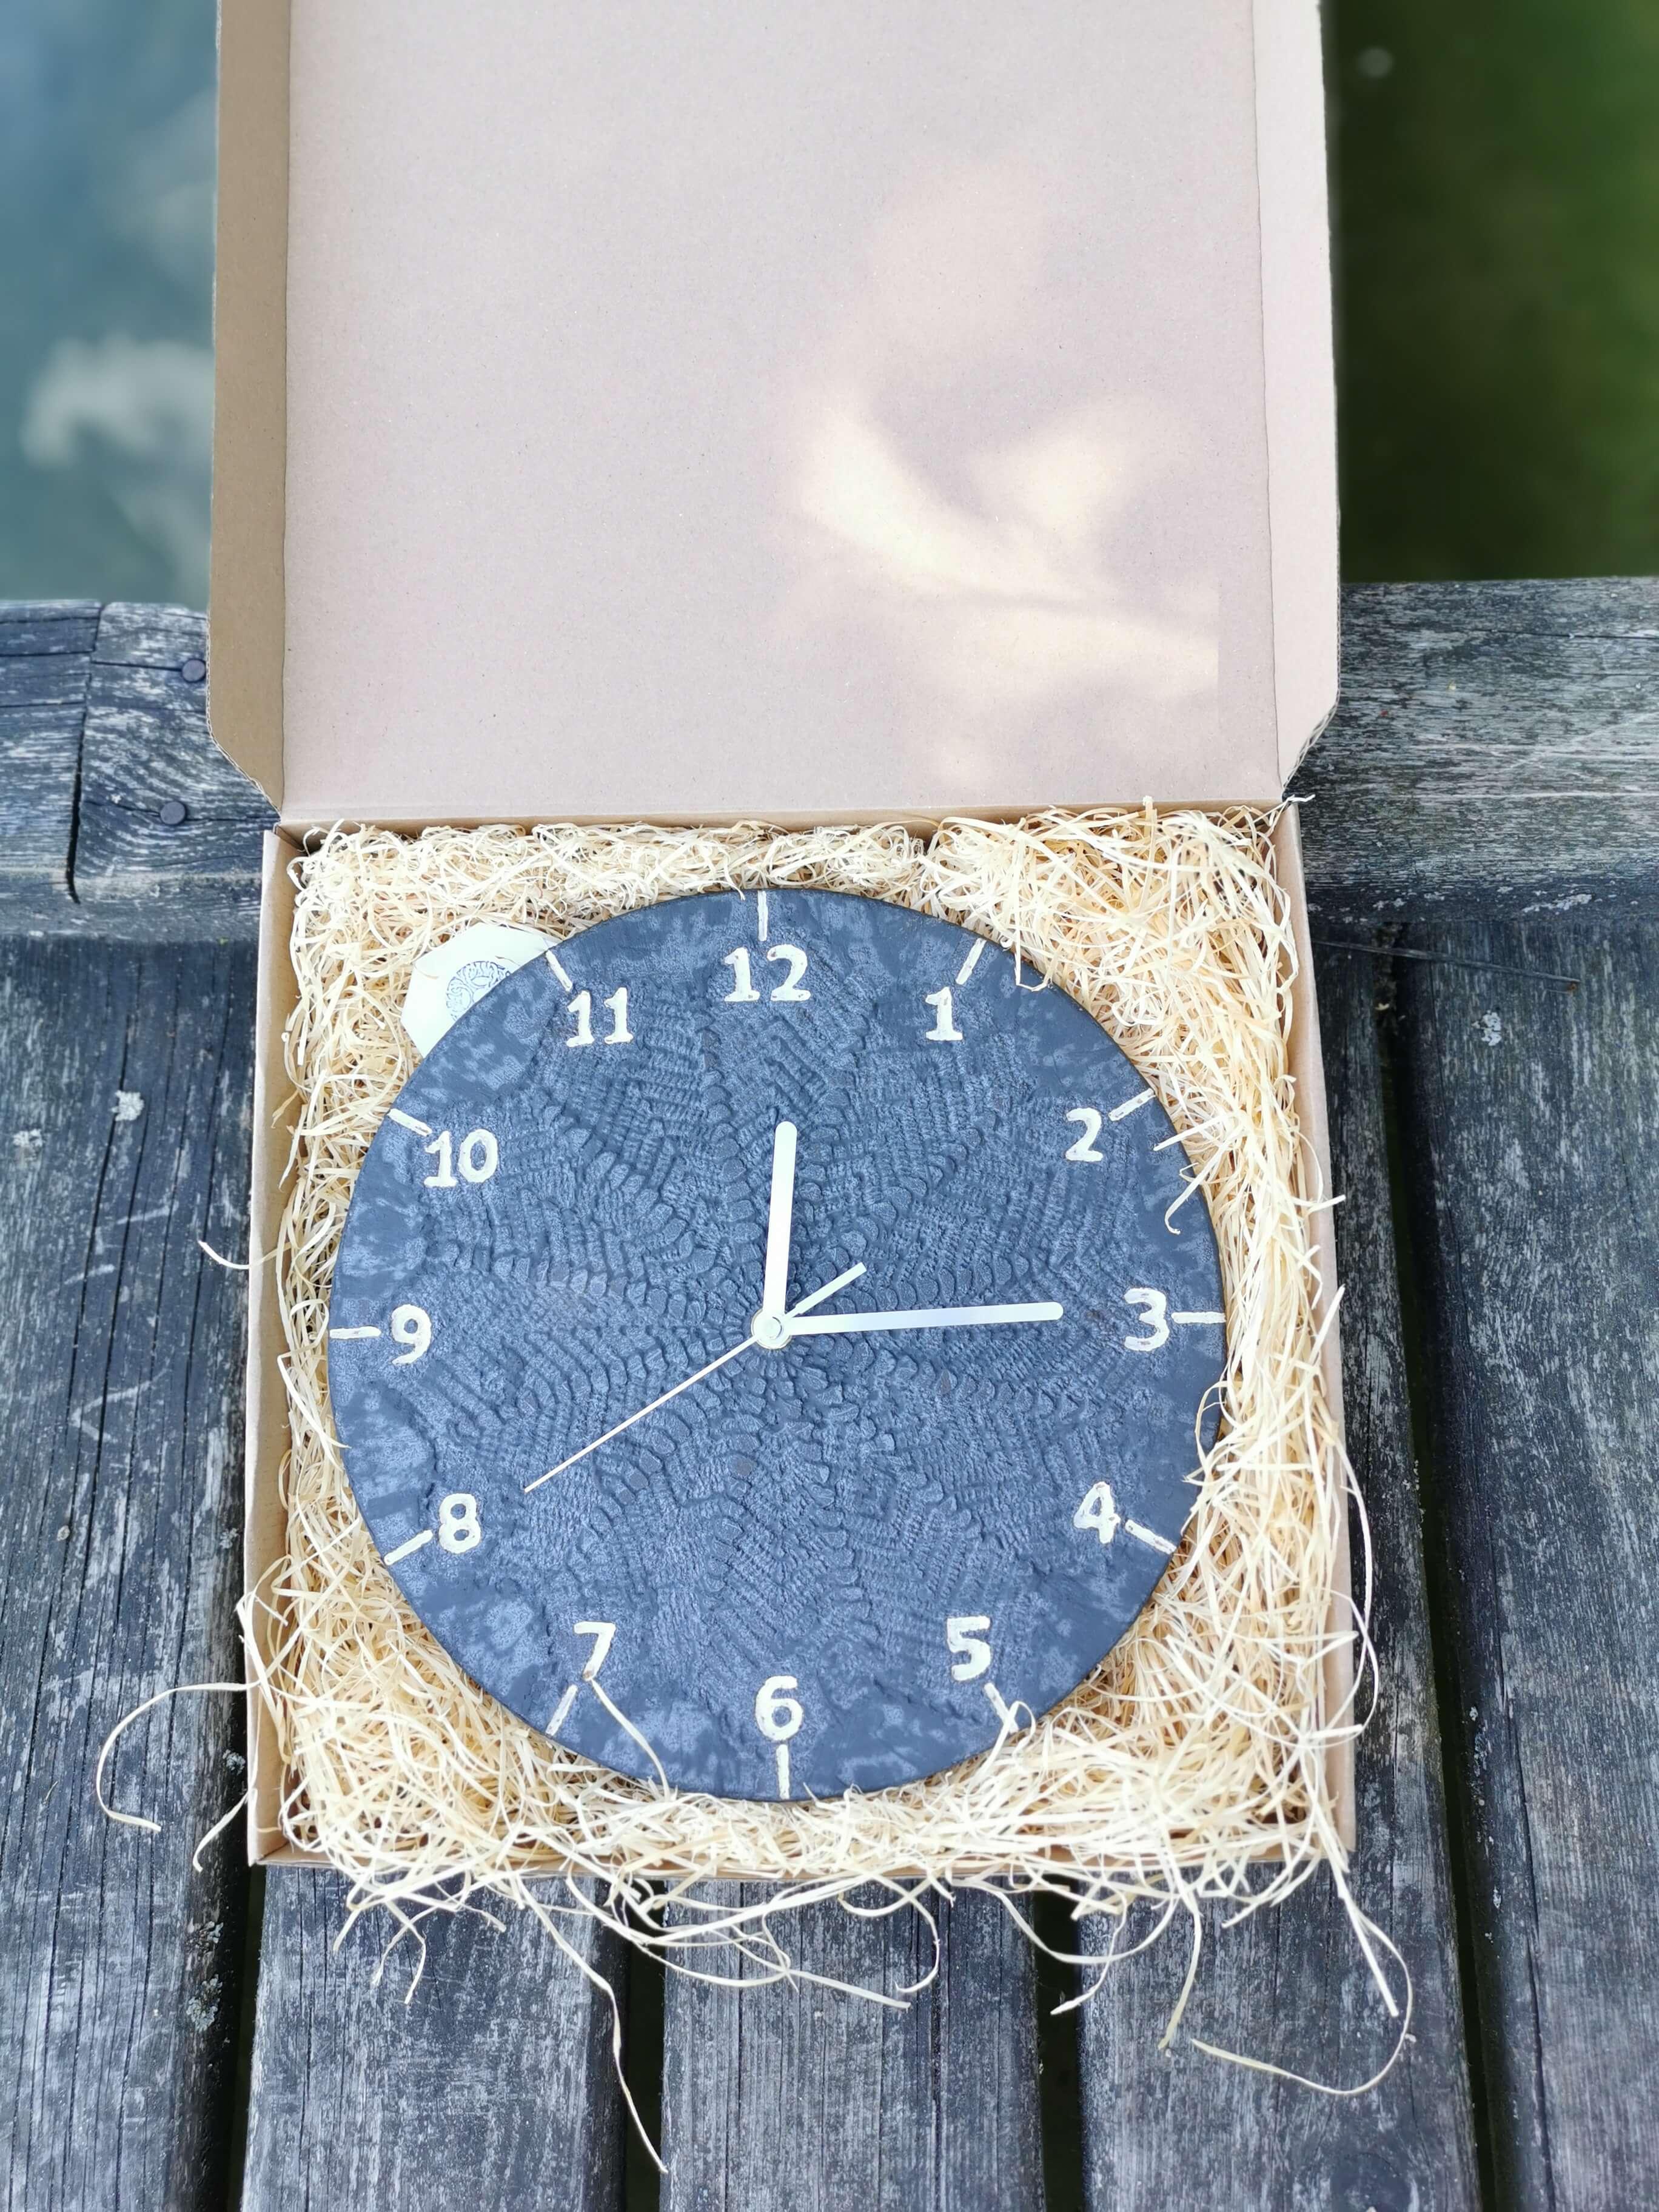 czarny-zegar-koronka-pomysl-na-prezent